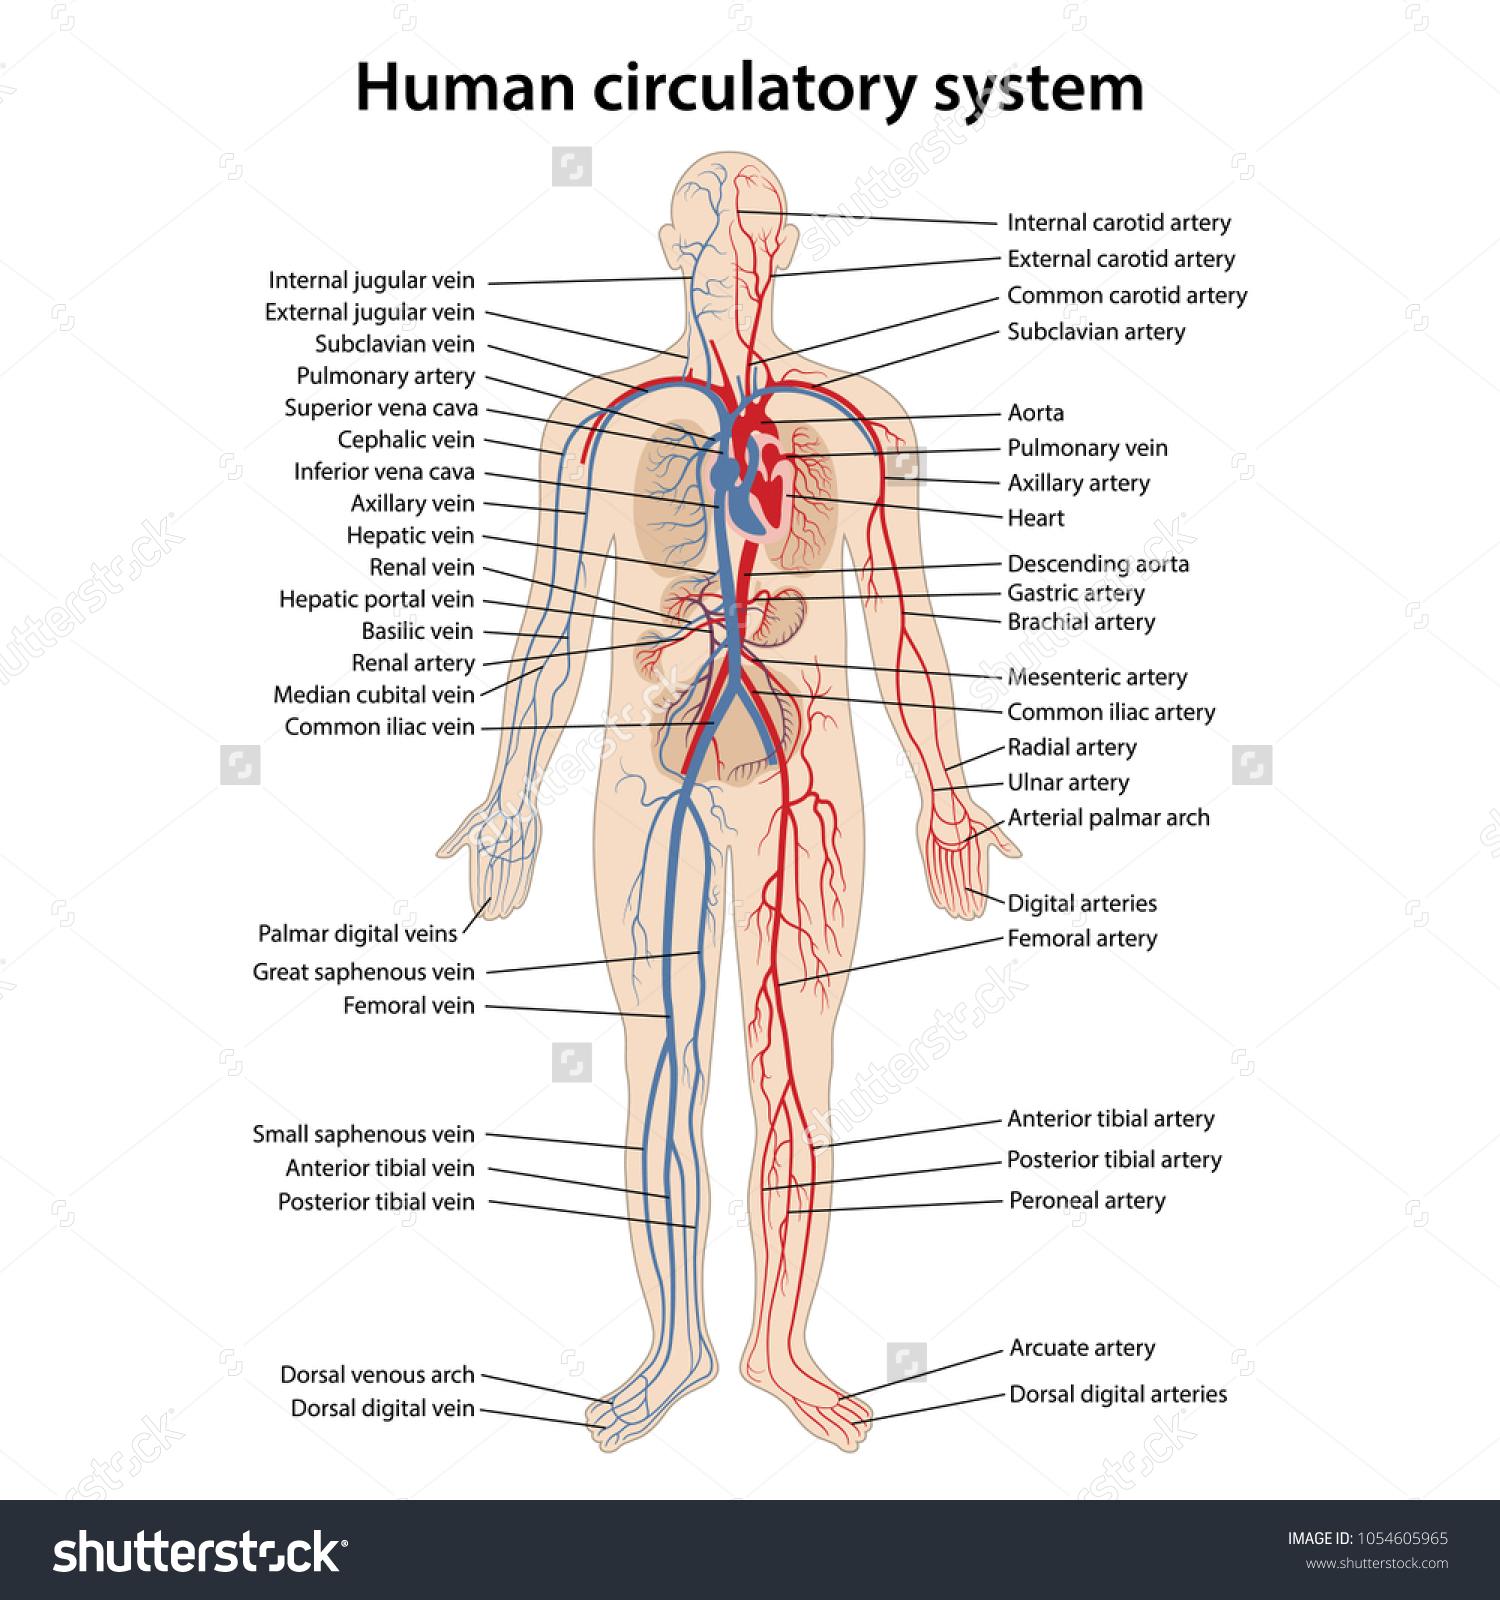 Human Circulatory System Main Parts Labeled Stock Vector